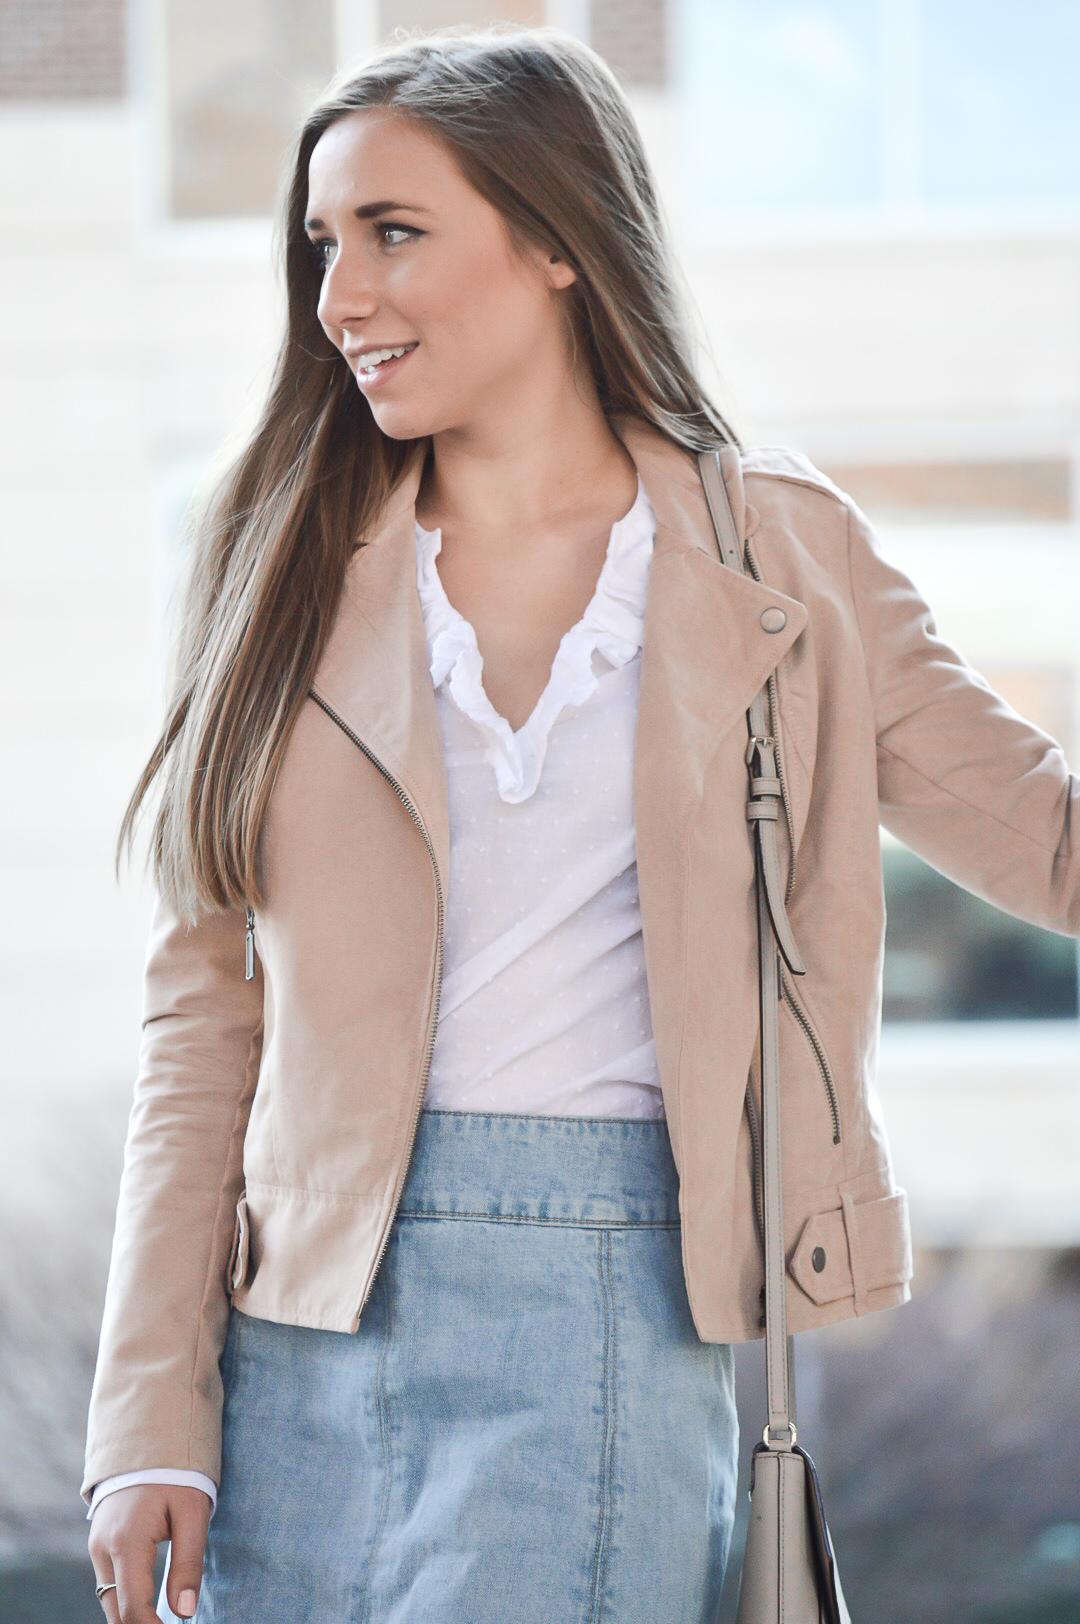 White Ruffled Blouse and Moto Jacket